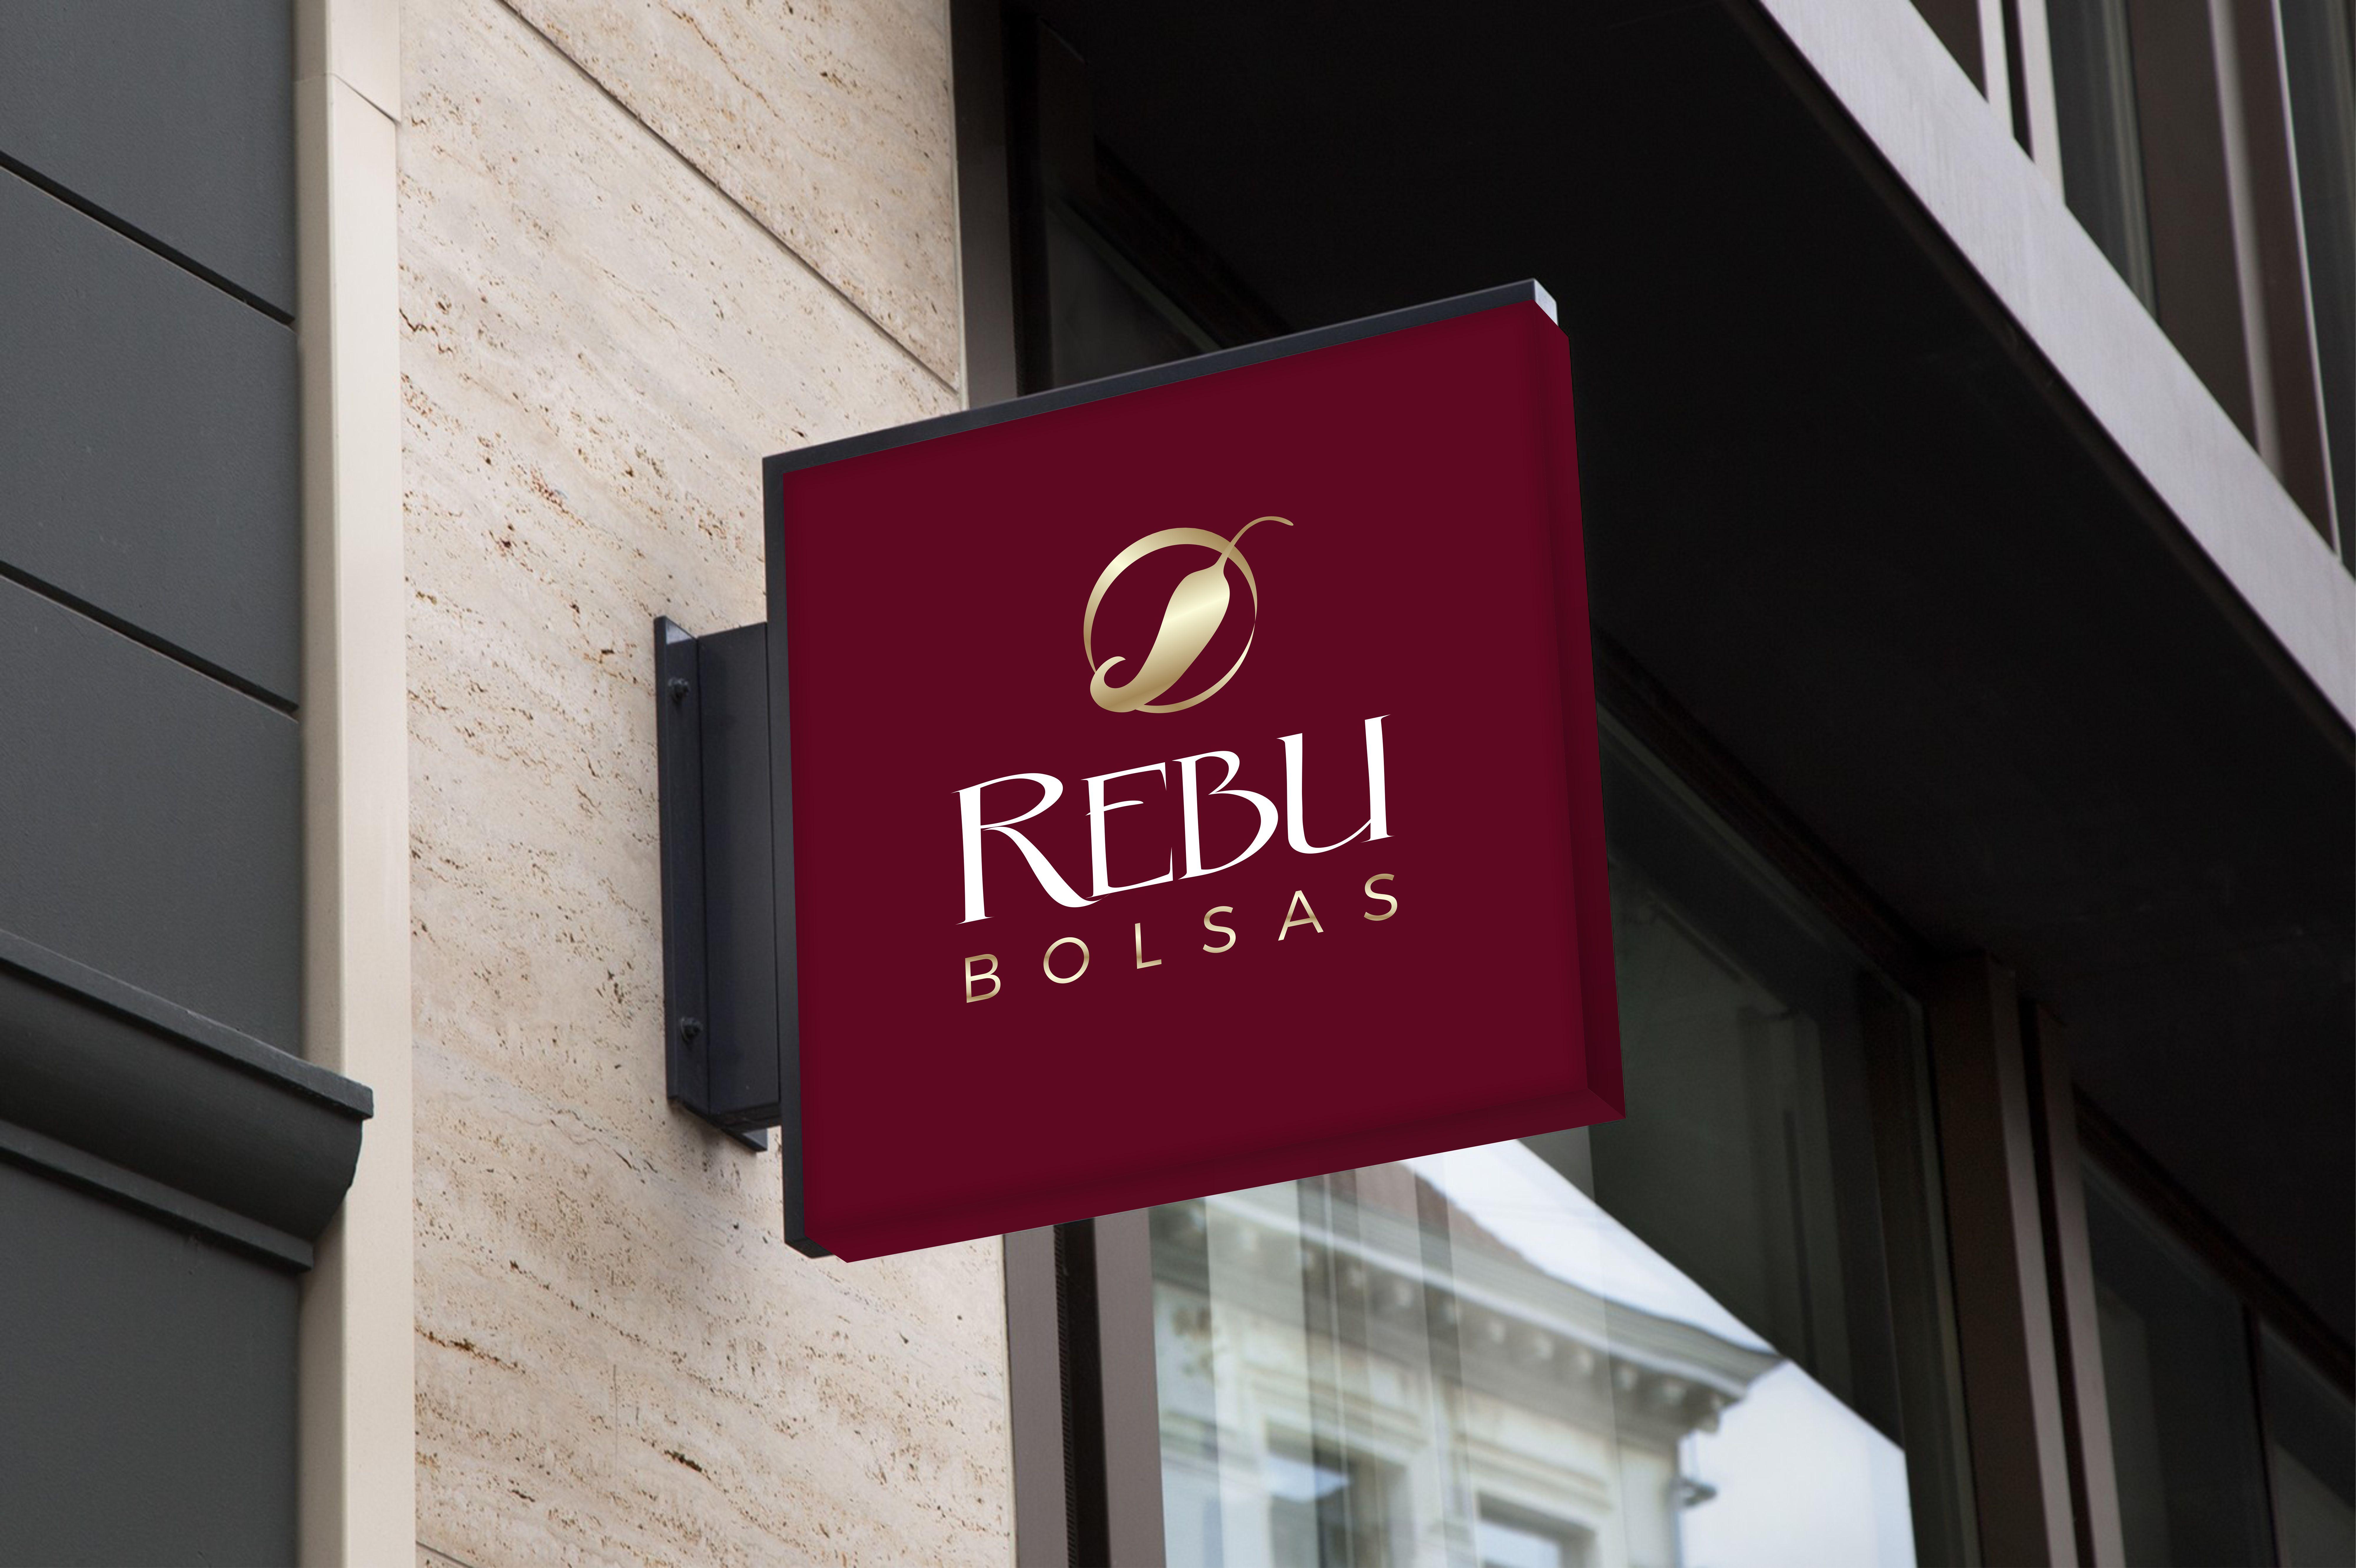 REBU BOLSAS